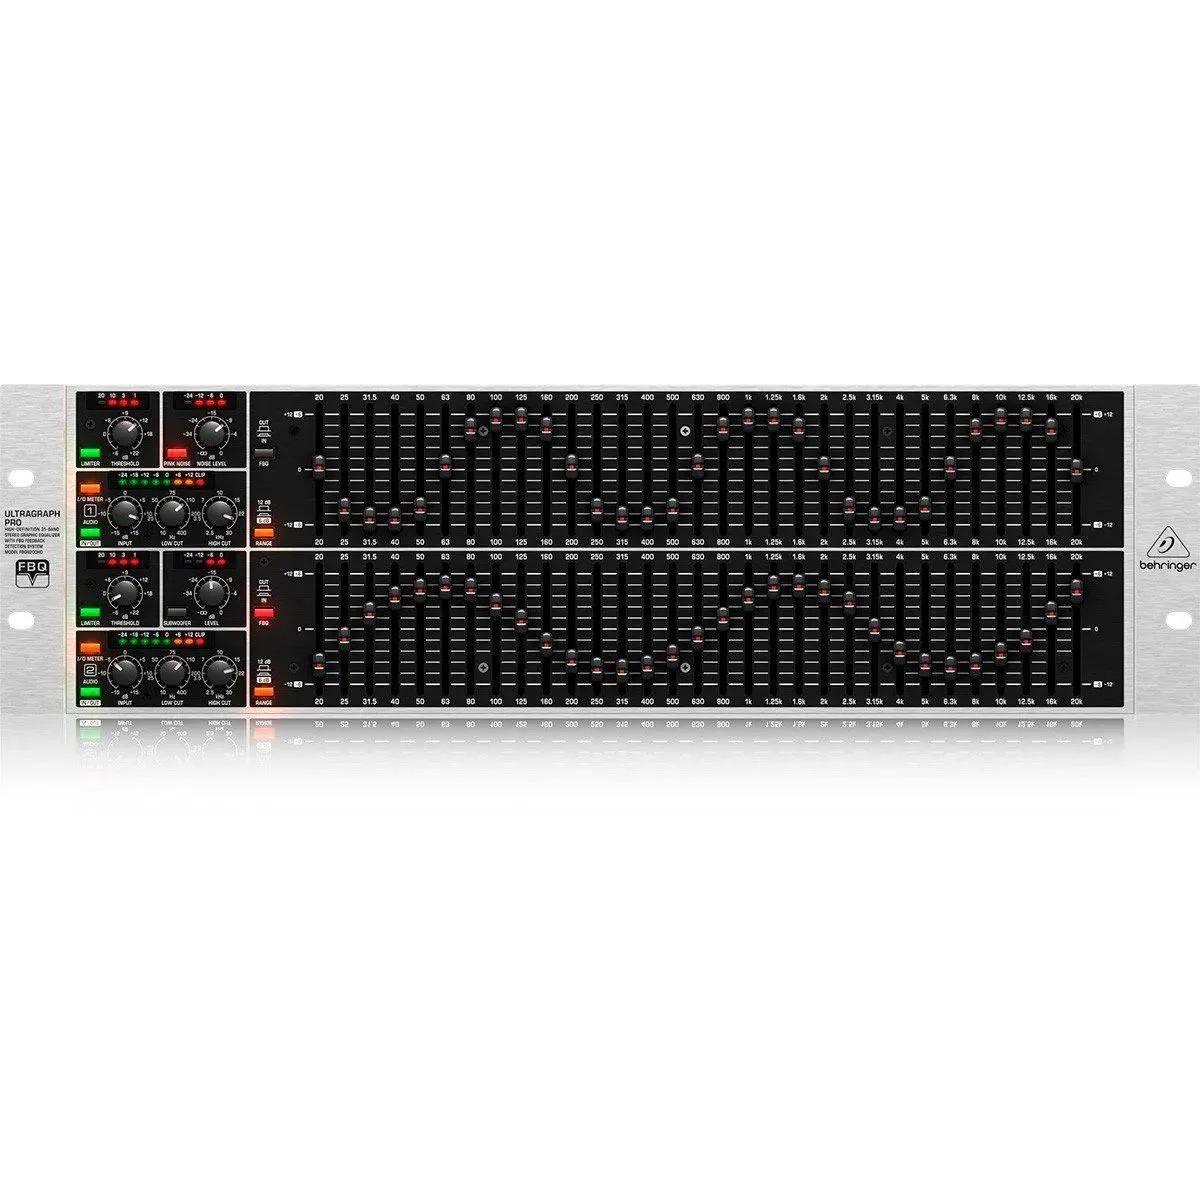 Equalizador Behringer Utragraph Pro FBQ6200